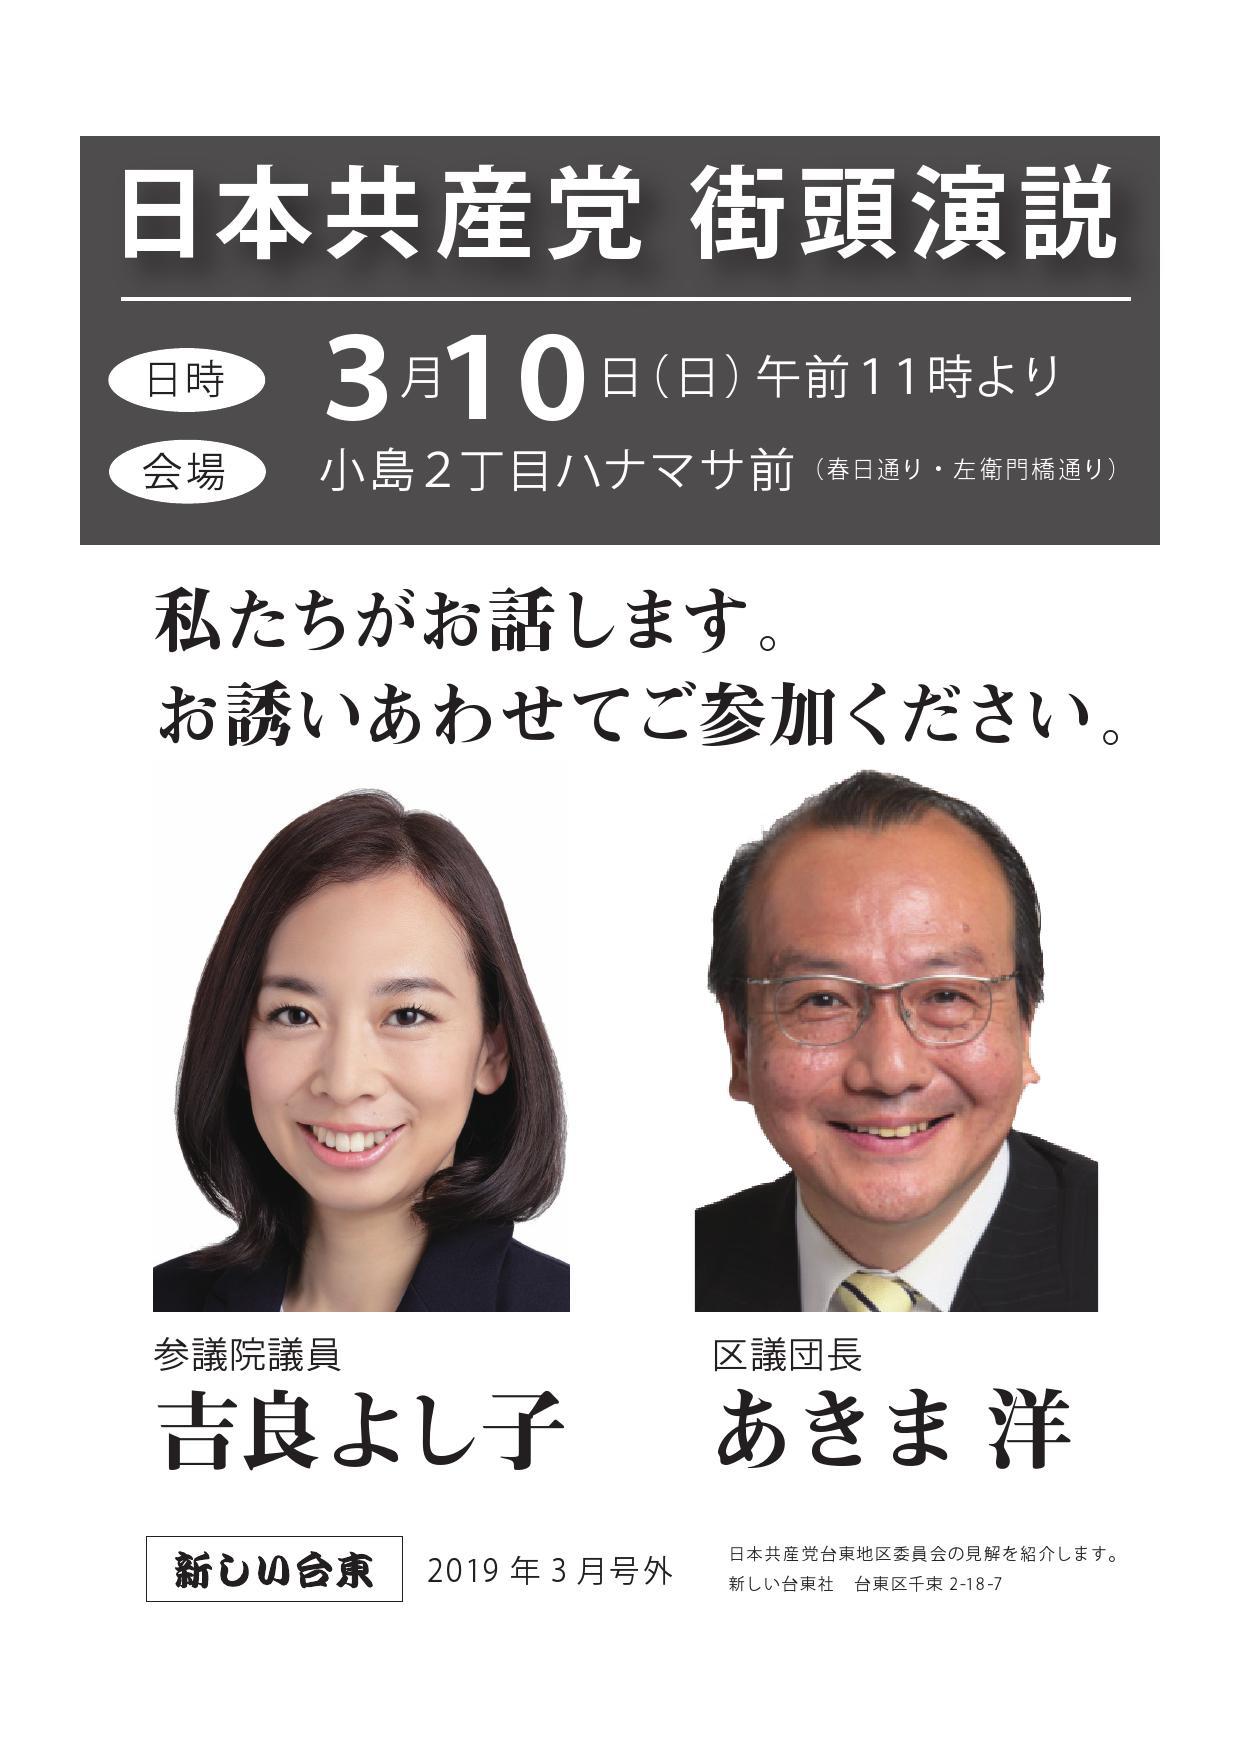 いよいよ10日(日)台東区長・区議選が告示。吉良よし子参議院議員との第一声にぜひ!